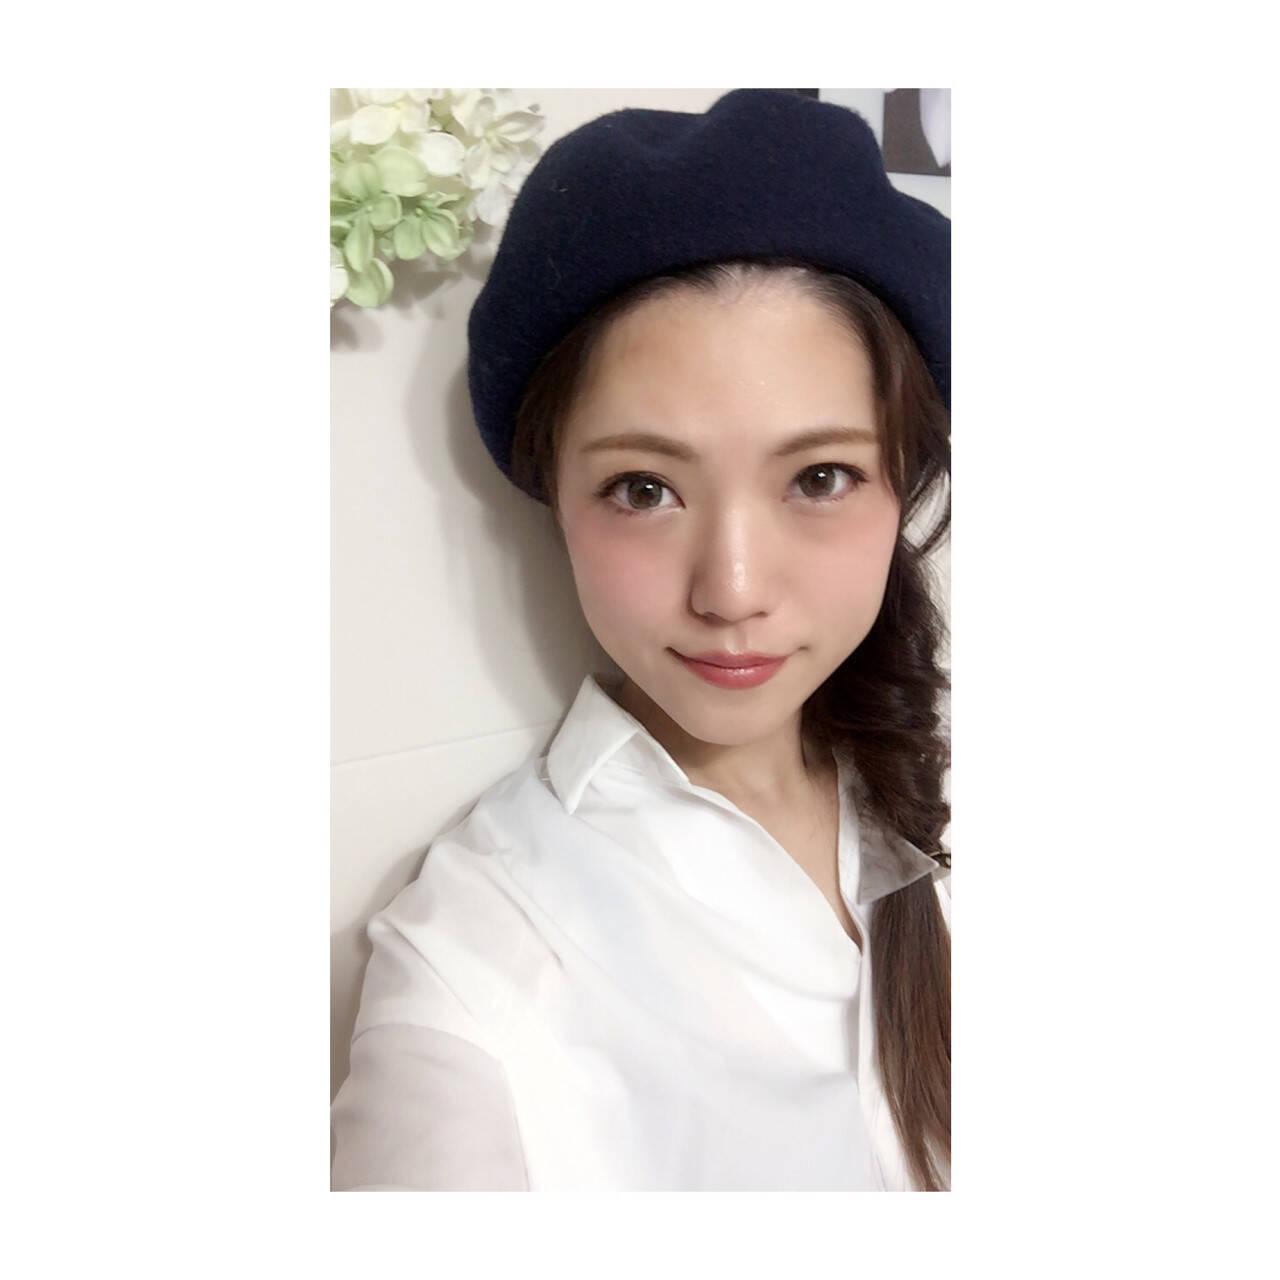 フェミニン ロング 簡単ヘアアレンジ セルフヘアアレンジヘアスタイルや髪型の写真・画像